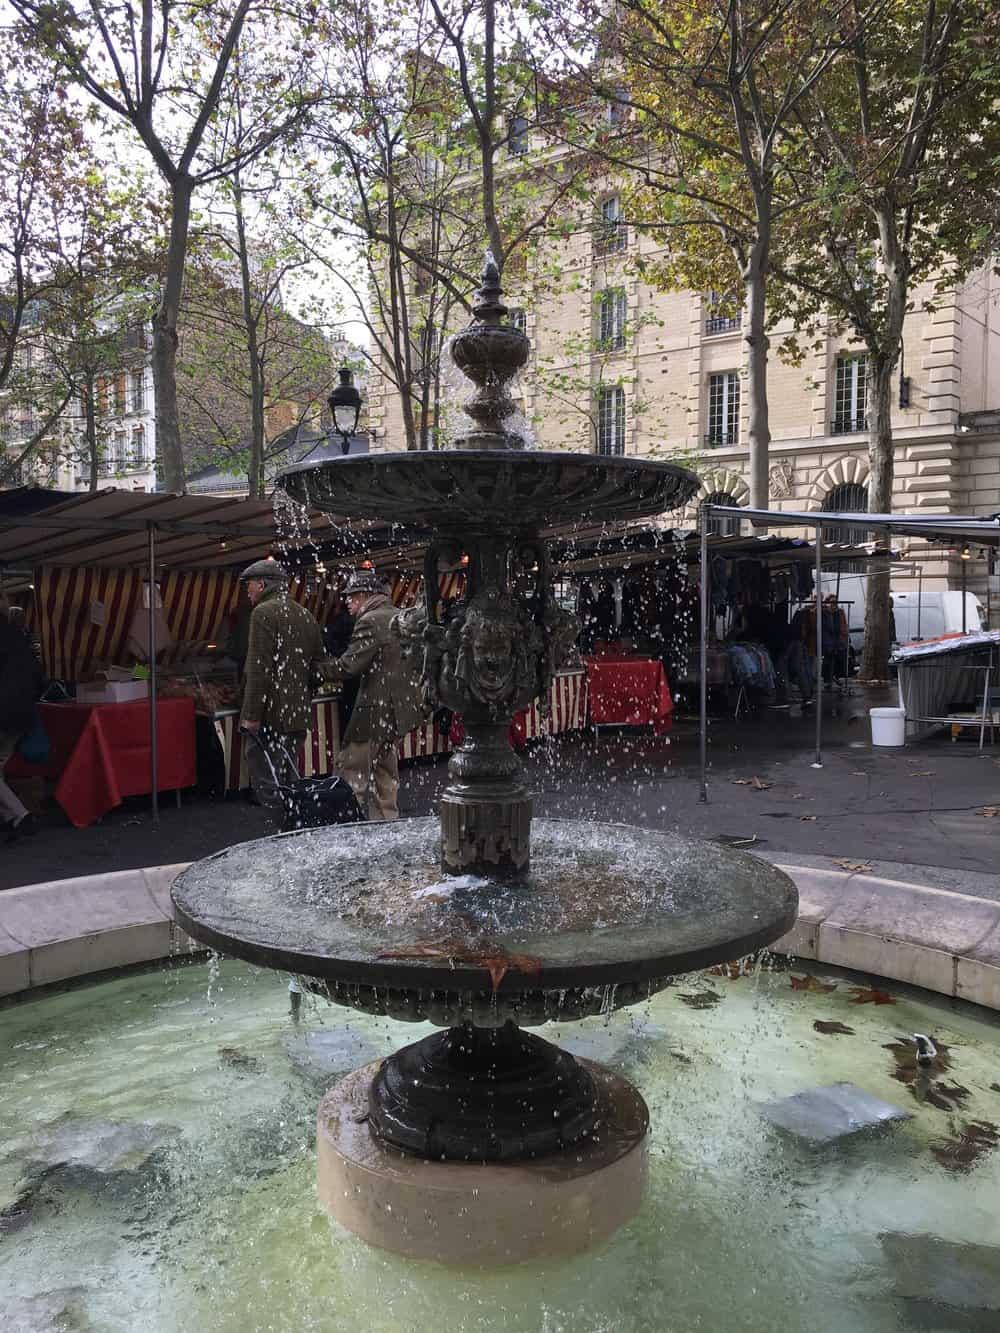 place monge market square paris, france